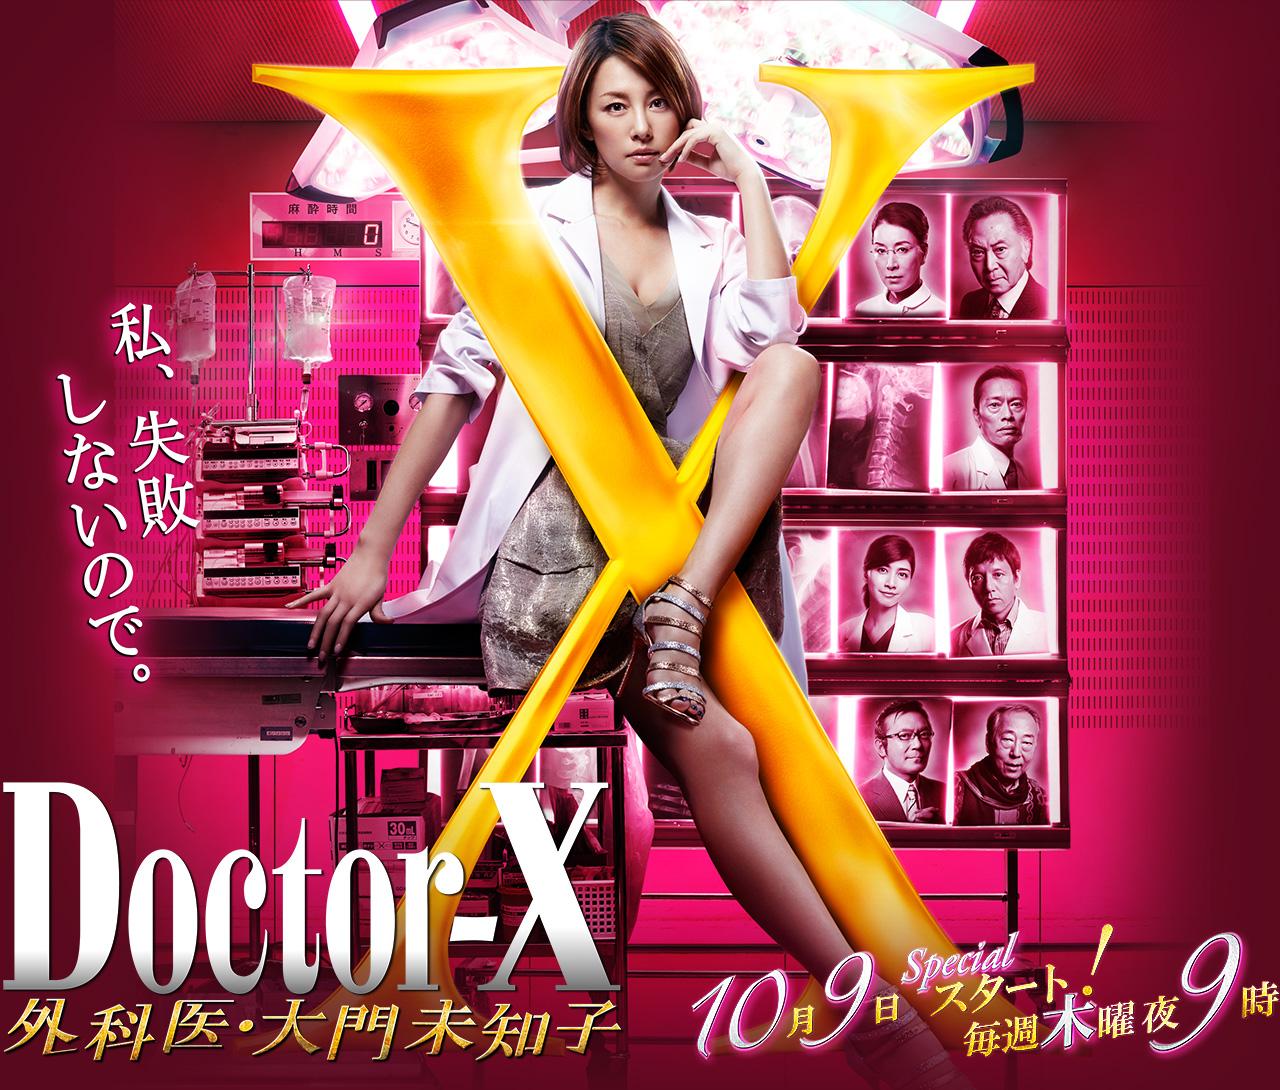 【画像あり】人気ドラマ、ドクターxのキャストを紹介します!のサムネイル画像